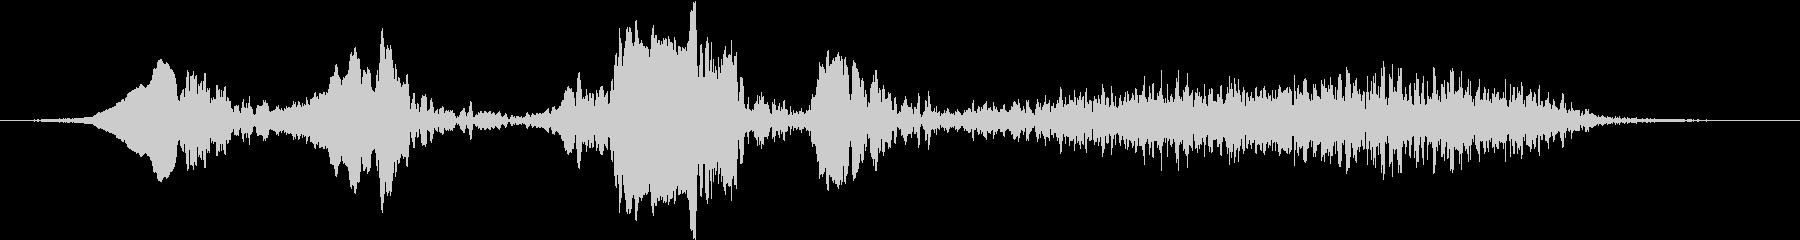 センダイムシクイのさえずりの未再生の波形